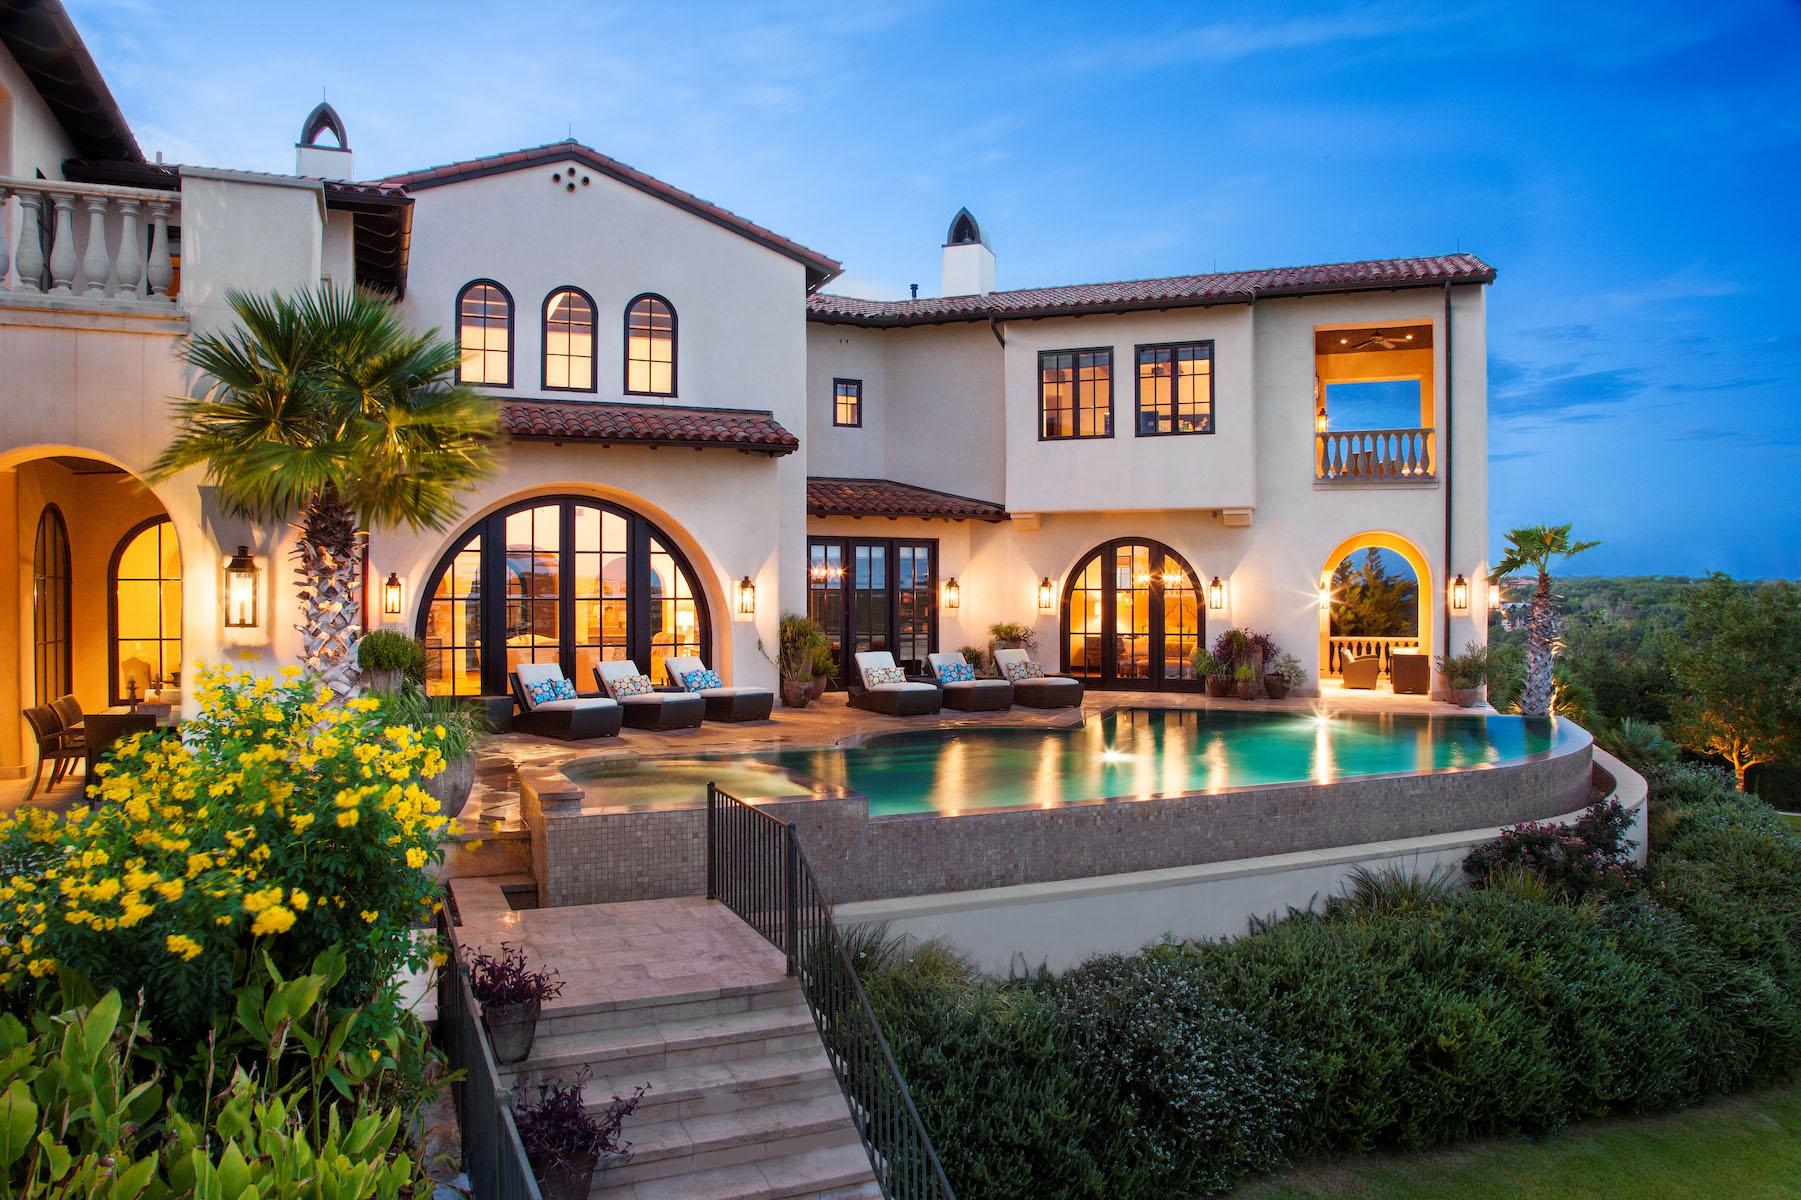 Single Family Home for Sale at Villa La Isla 19700 La Isla Cv Spicewood, Texas 78669 United States